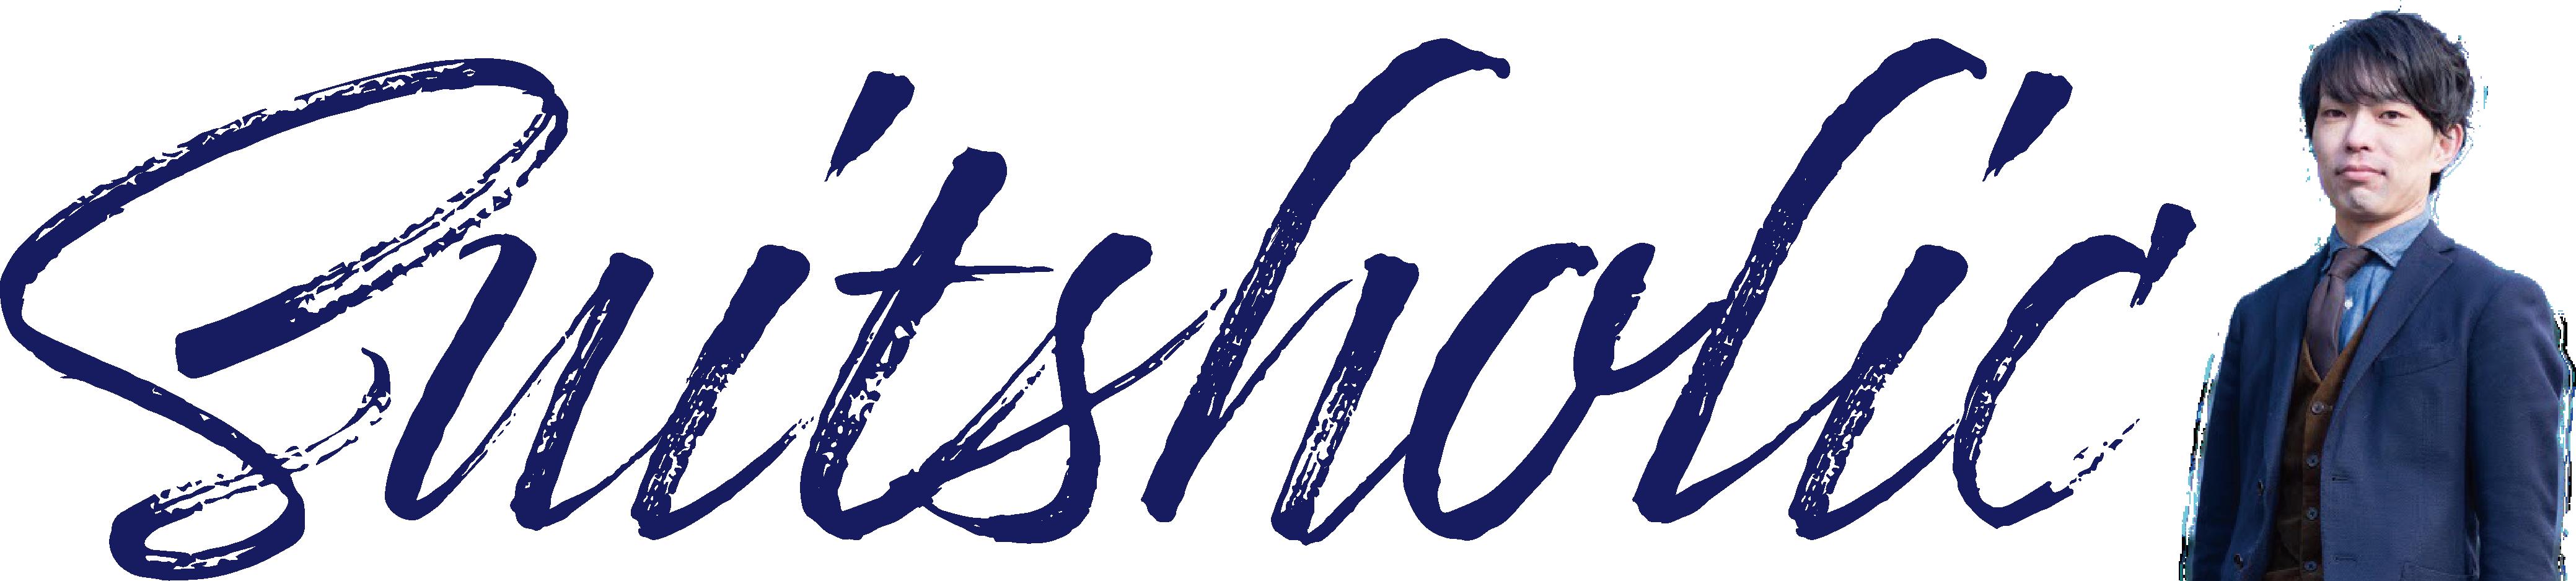 Suitsholic|スーツホリック